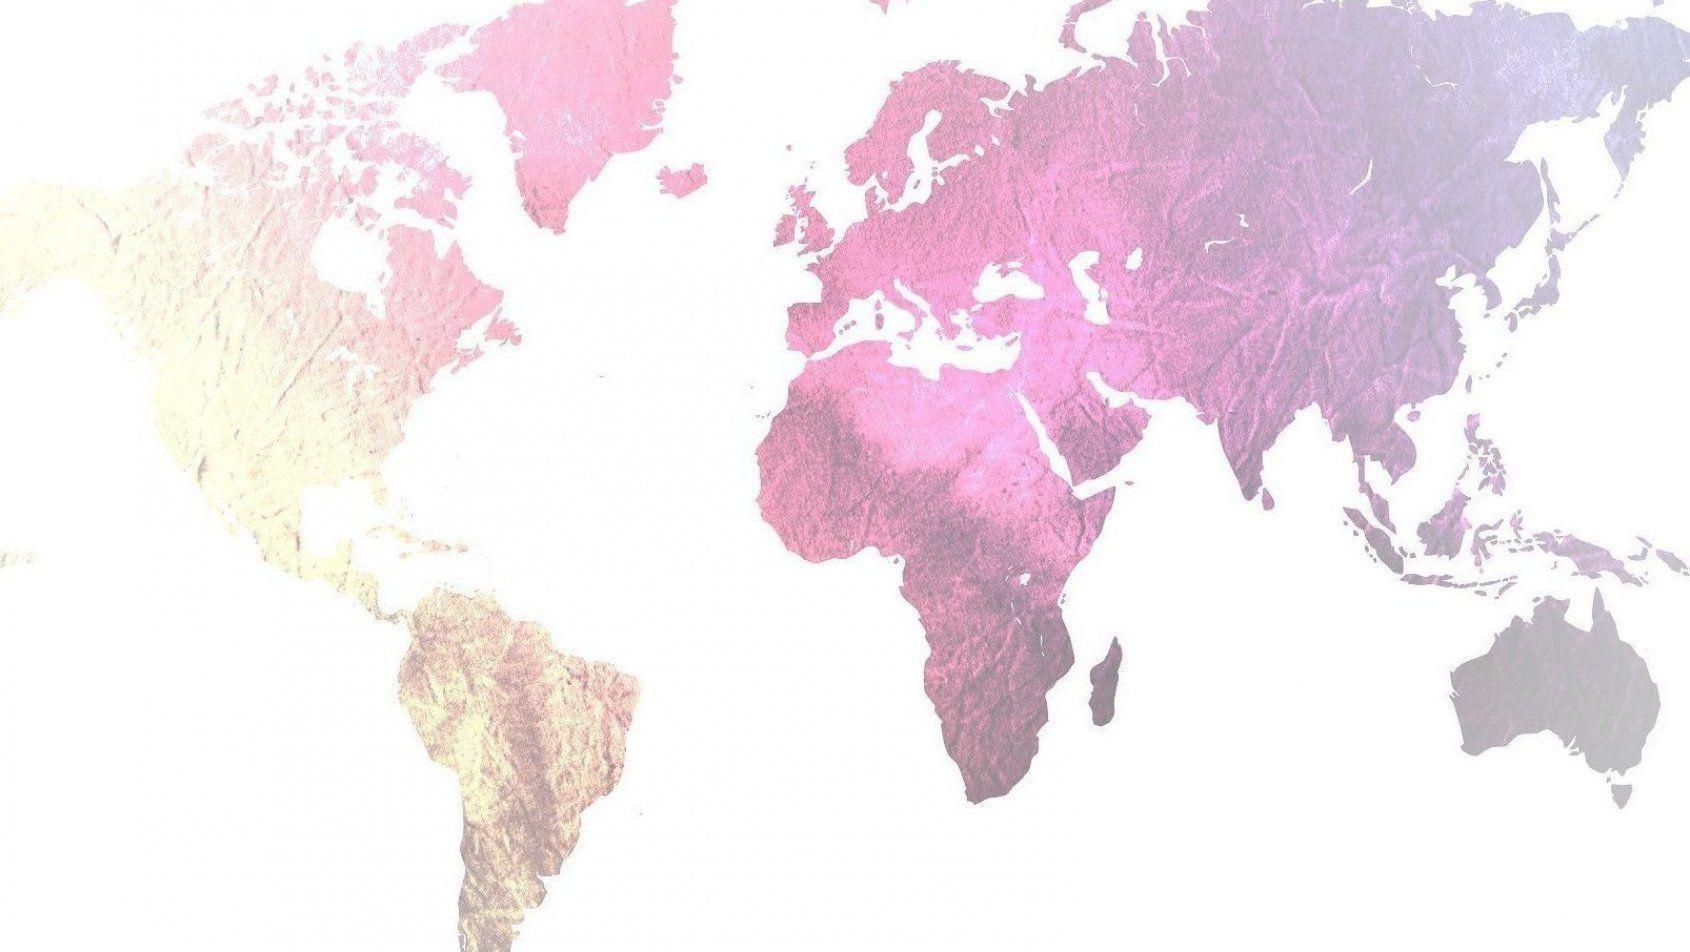 Unfolded Weltkarte Macbook Tapete Tumblr Welt Hintergrund Der Weltkarte Wo Wir Bereits Desktop Wallpapers Tumblr Macbook Wallpaper World Map Wallpaper